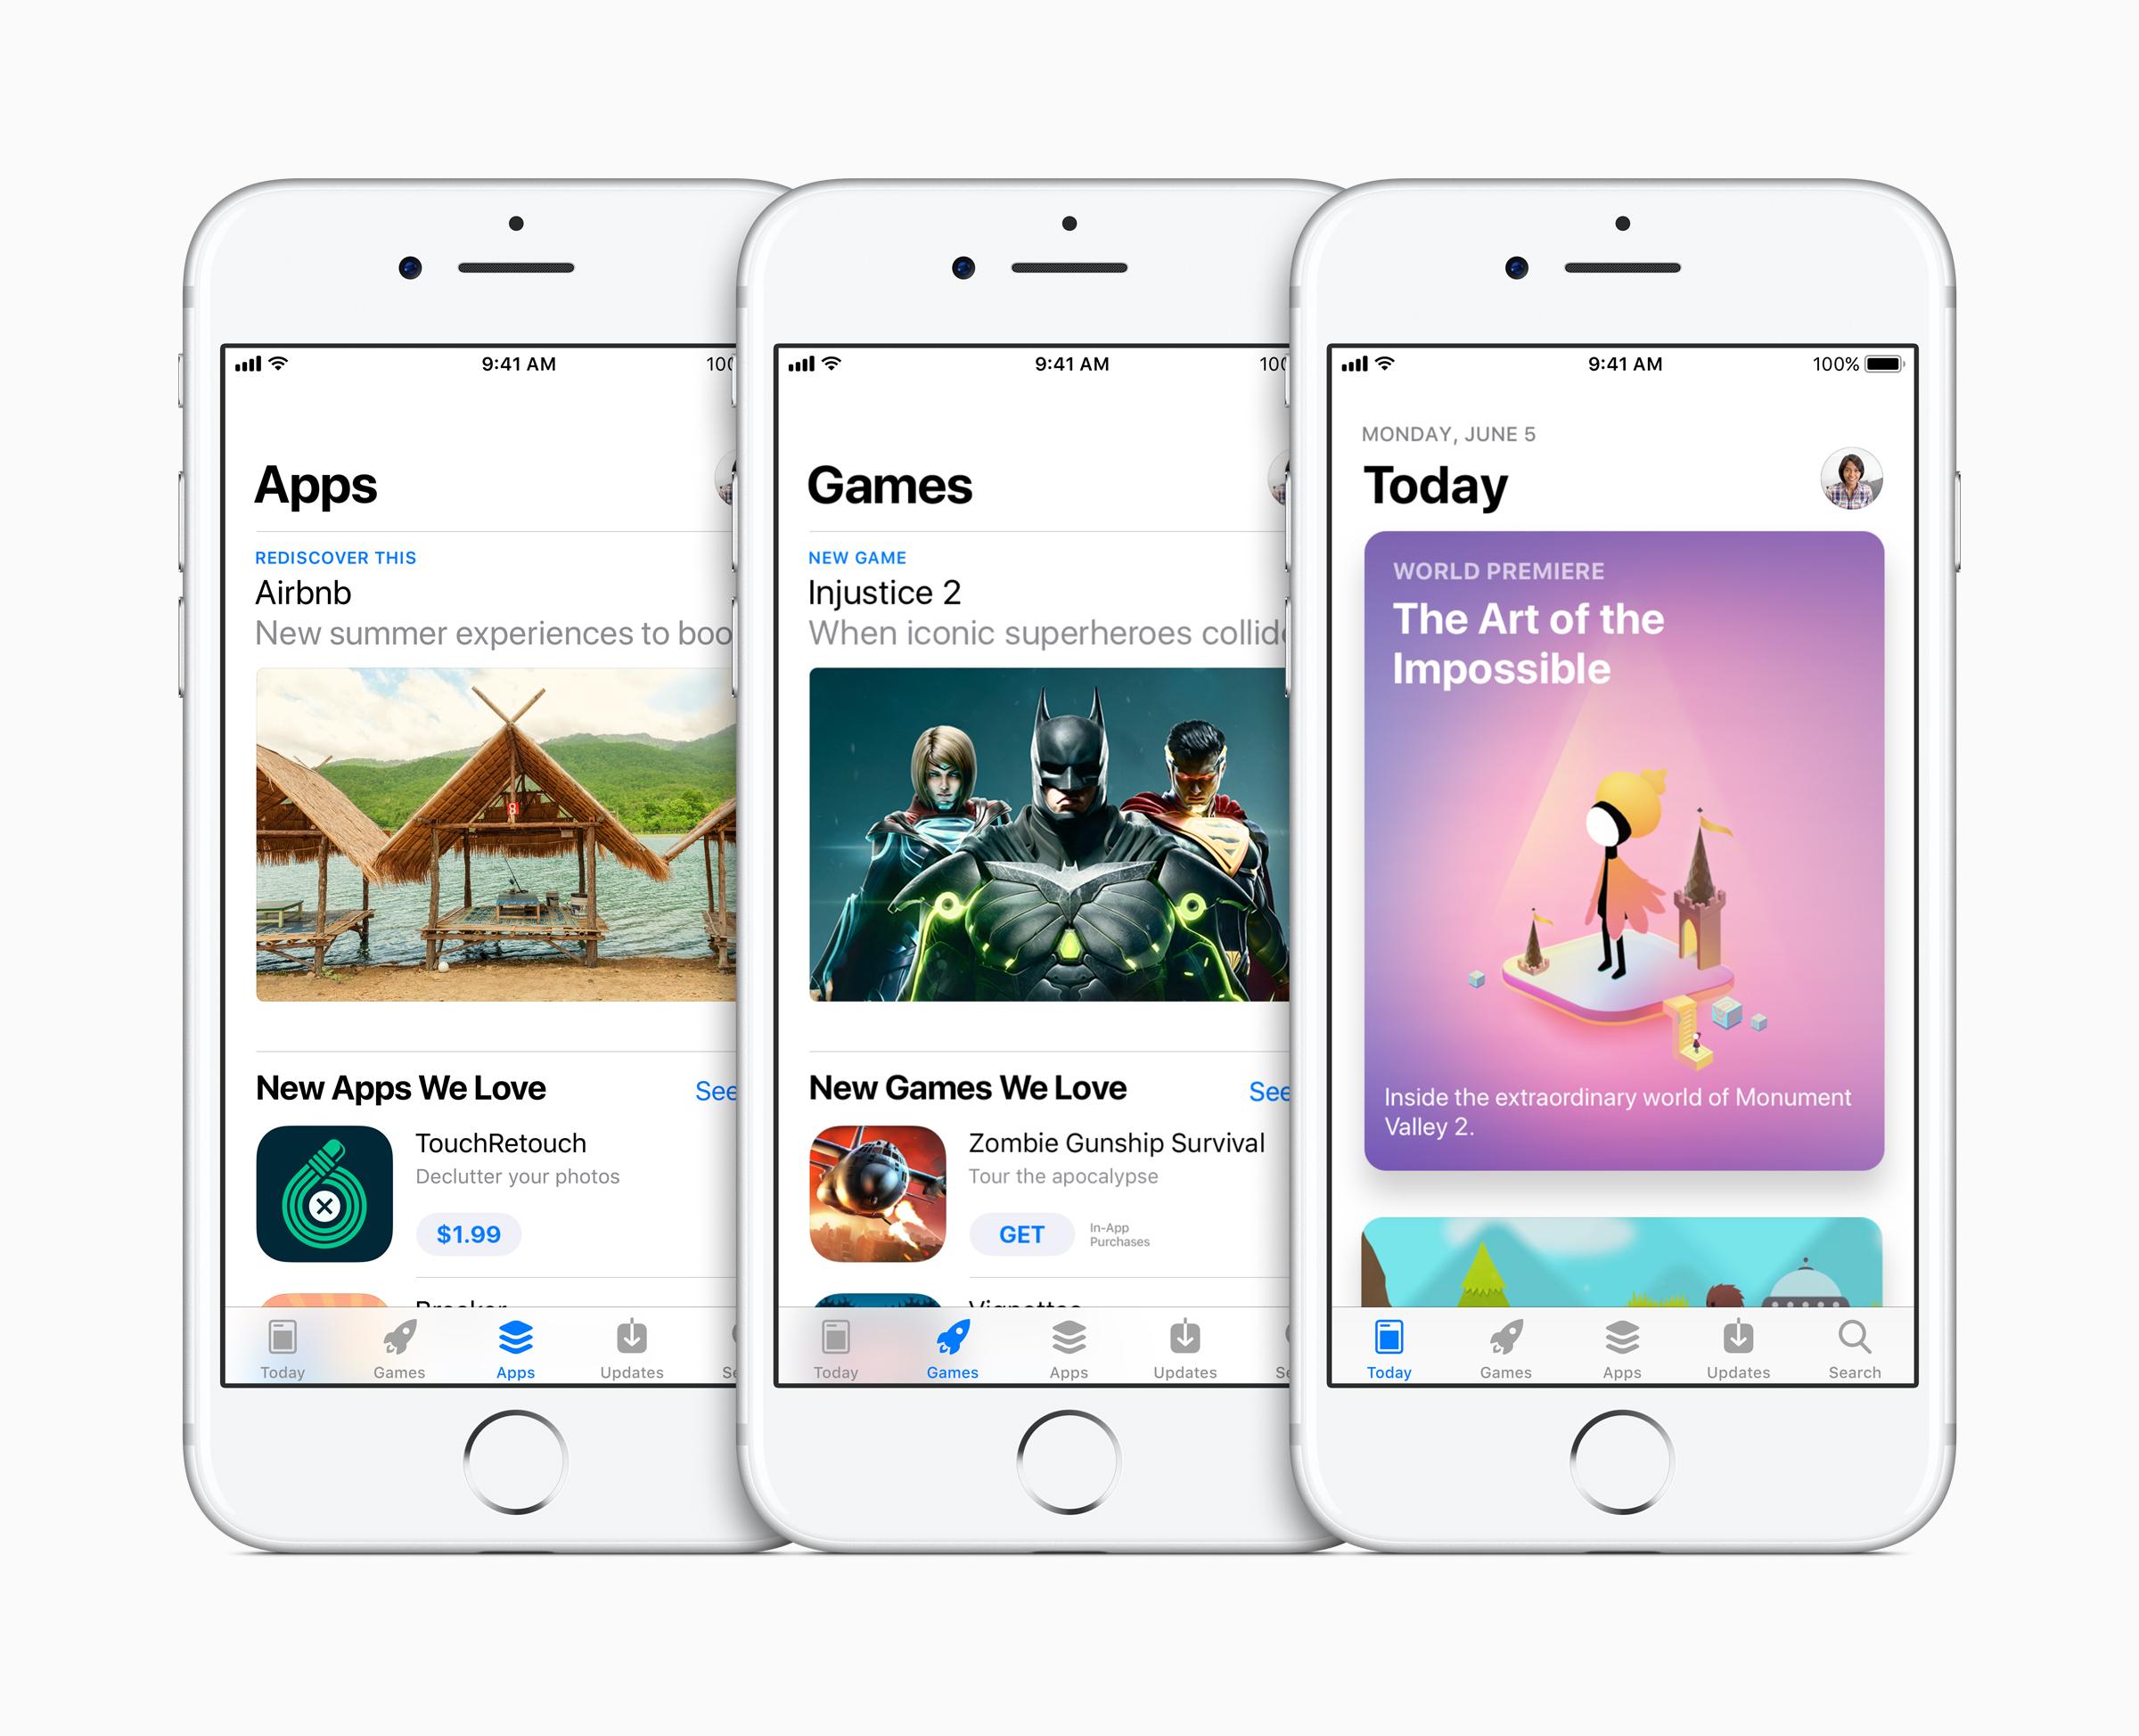 iOS 11 Review: Semakin personal dengan teknologi AI dan fitur pendukung produktivitas